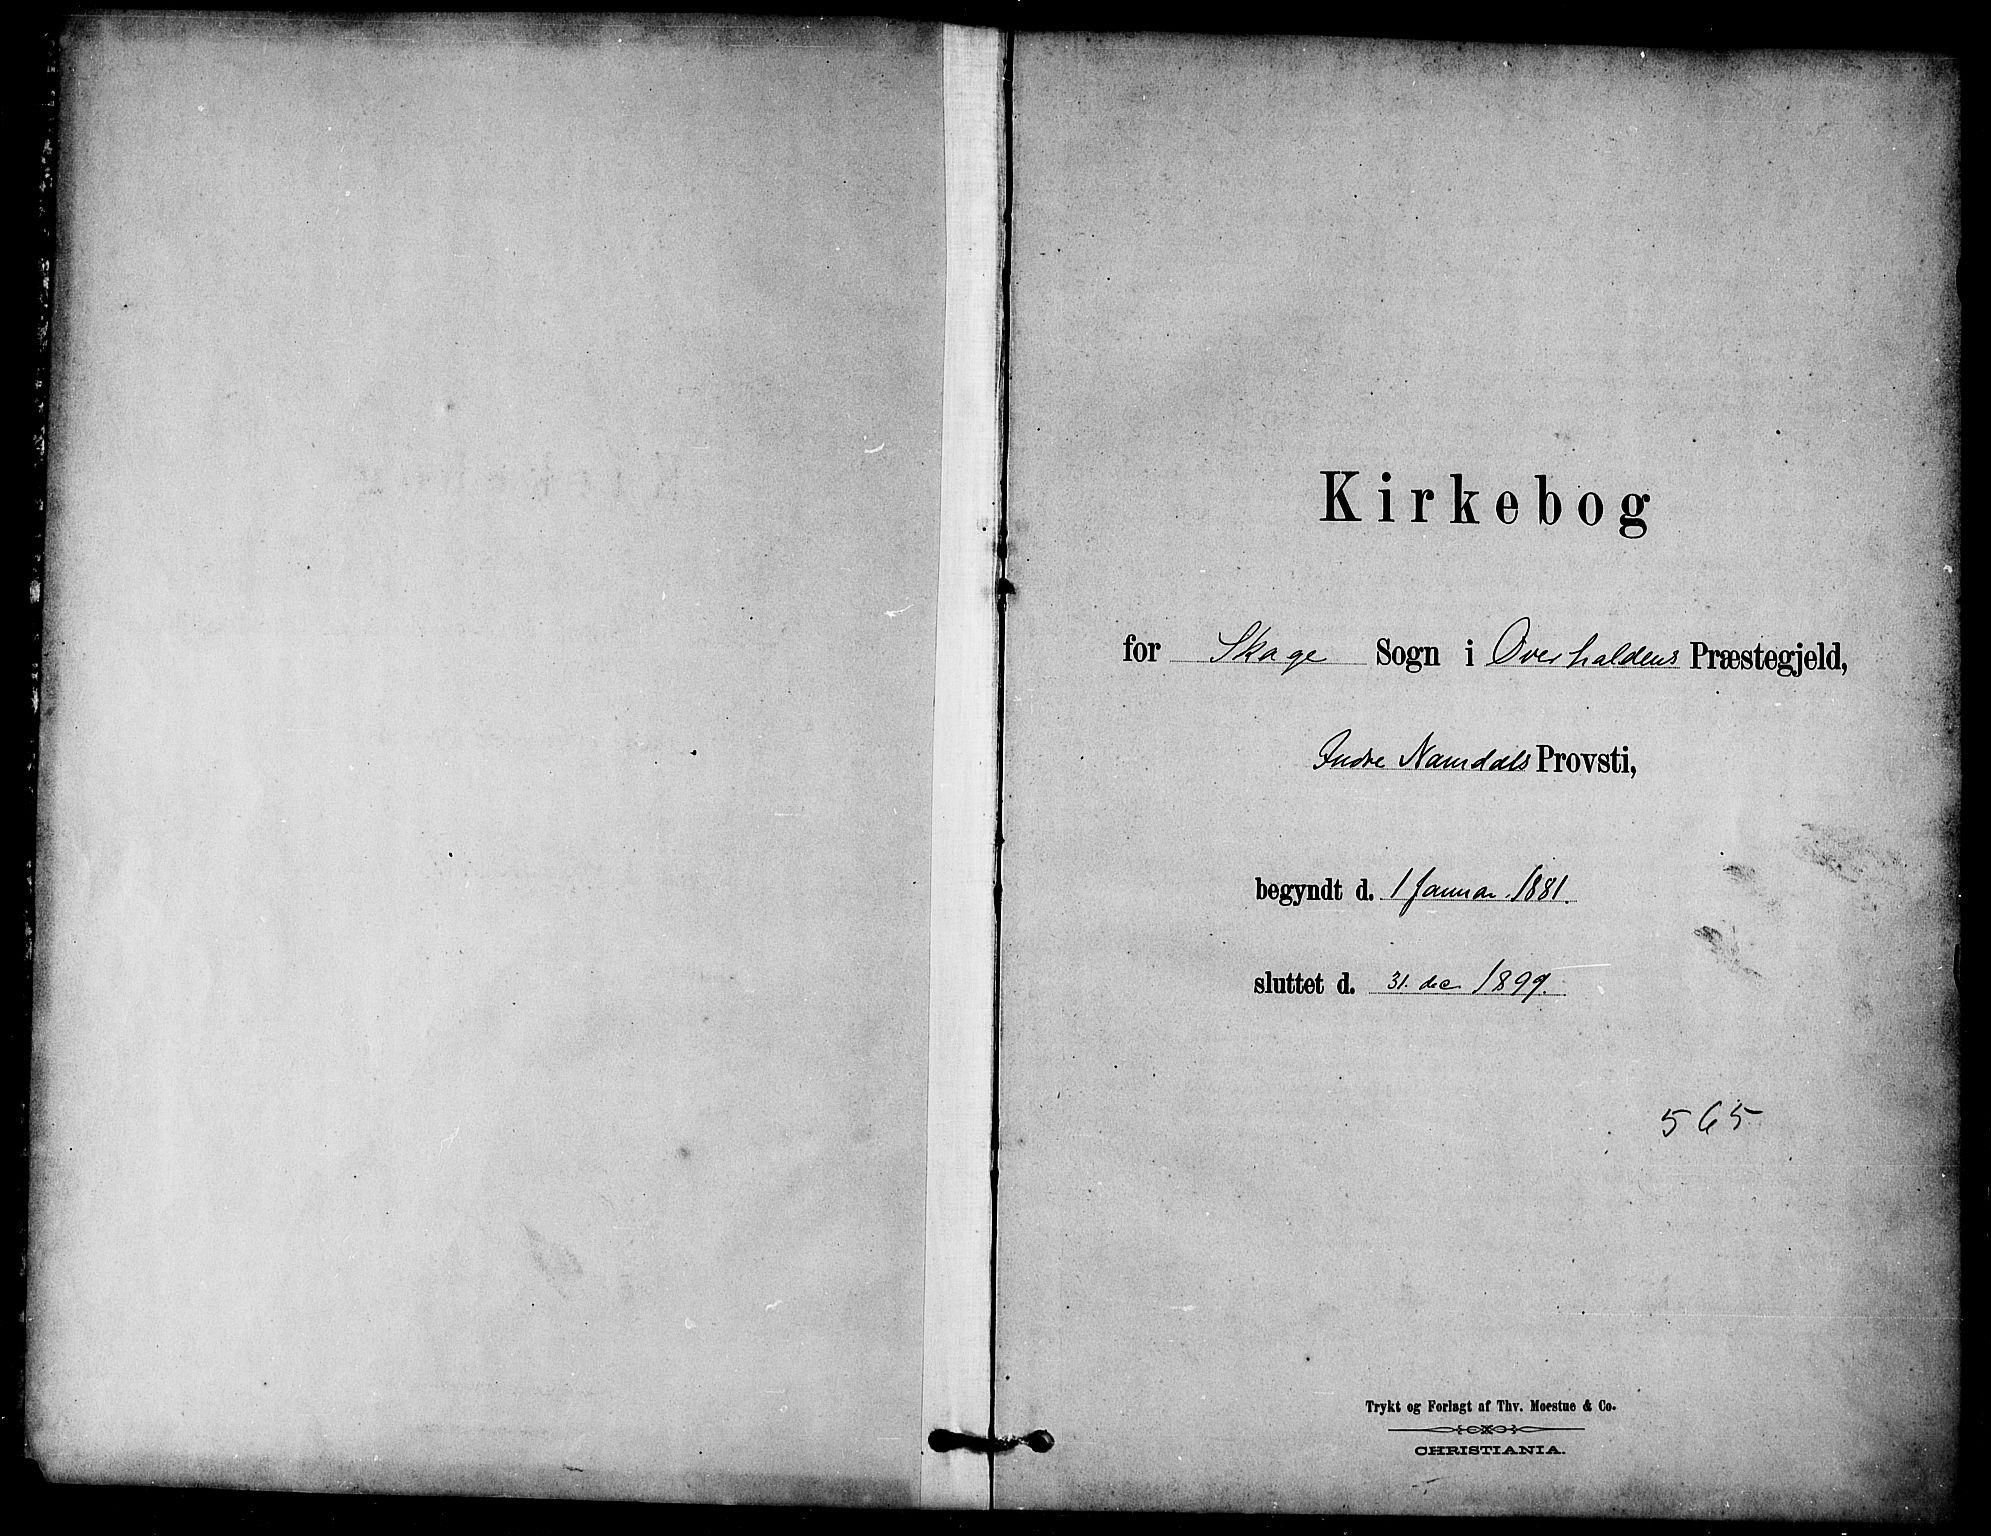 SAT, Ministerialprotokoller, klokkerbøker og fødselsregistre - Nord-Trøndelag, 766/L0563: Ministerialbok nr. 767A01, 1881-1899